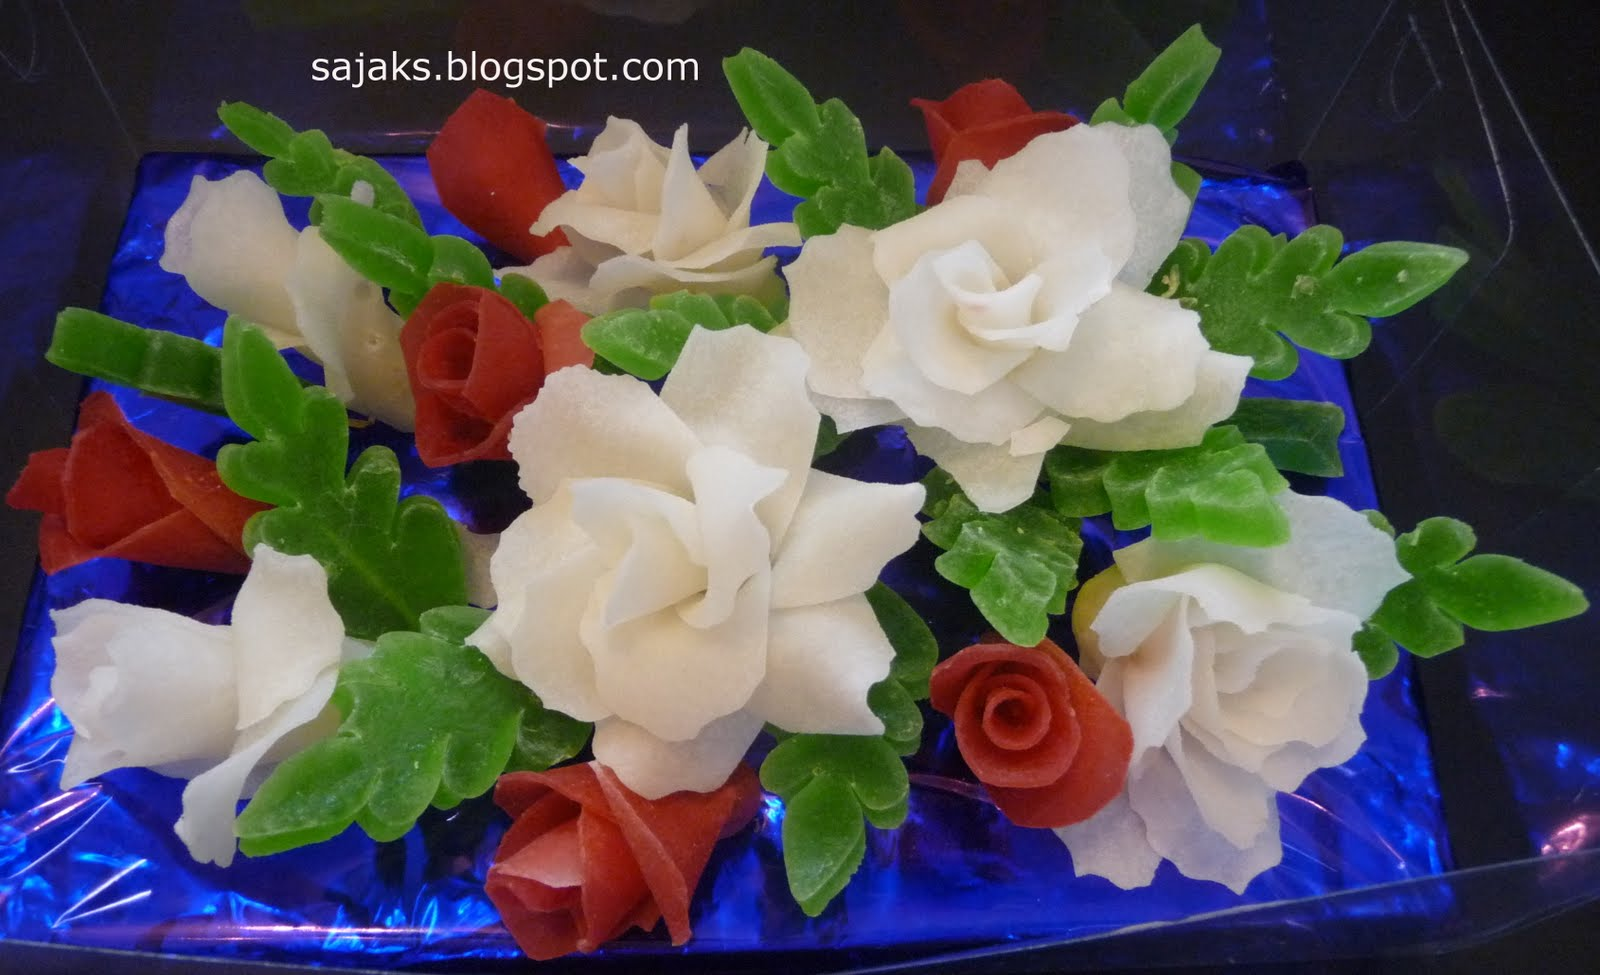 http://2.bp.blogspot.com/-pA1MrjT7Z1E/TcE9CtQZgsI/AAAAAAAAAMw/Sz9jX7ujV34/s1600/may-05.JPG